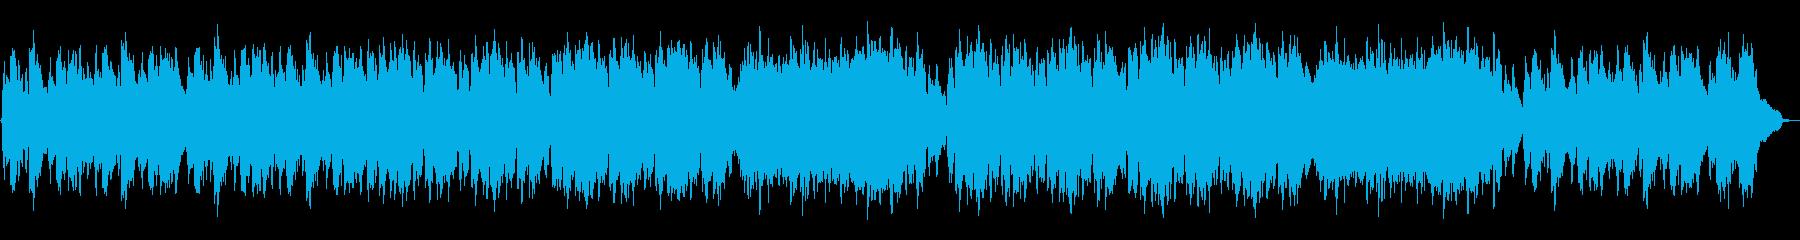 静けさ・優しい・切ない・ケルト風BGMの再生済みの波形